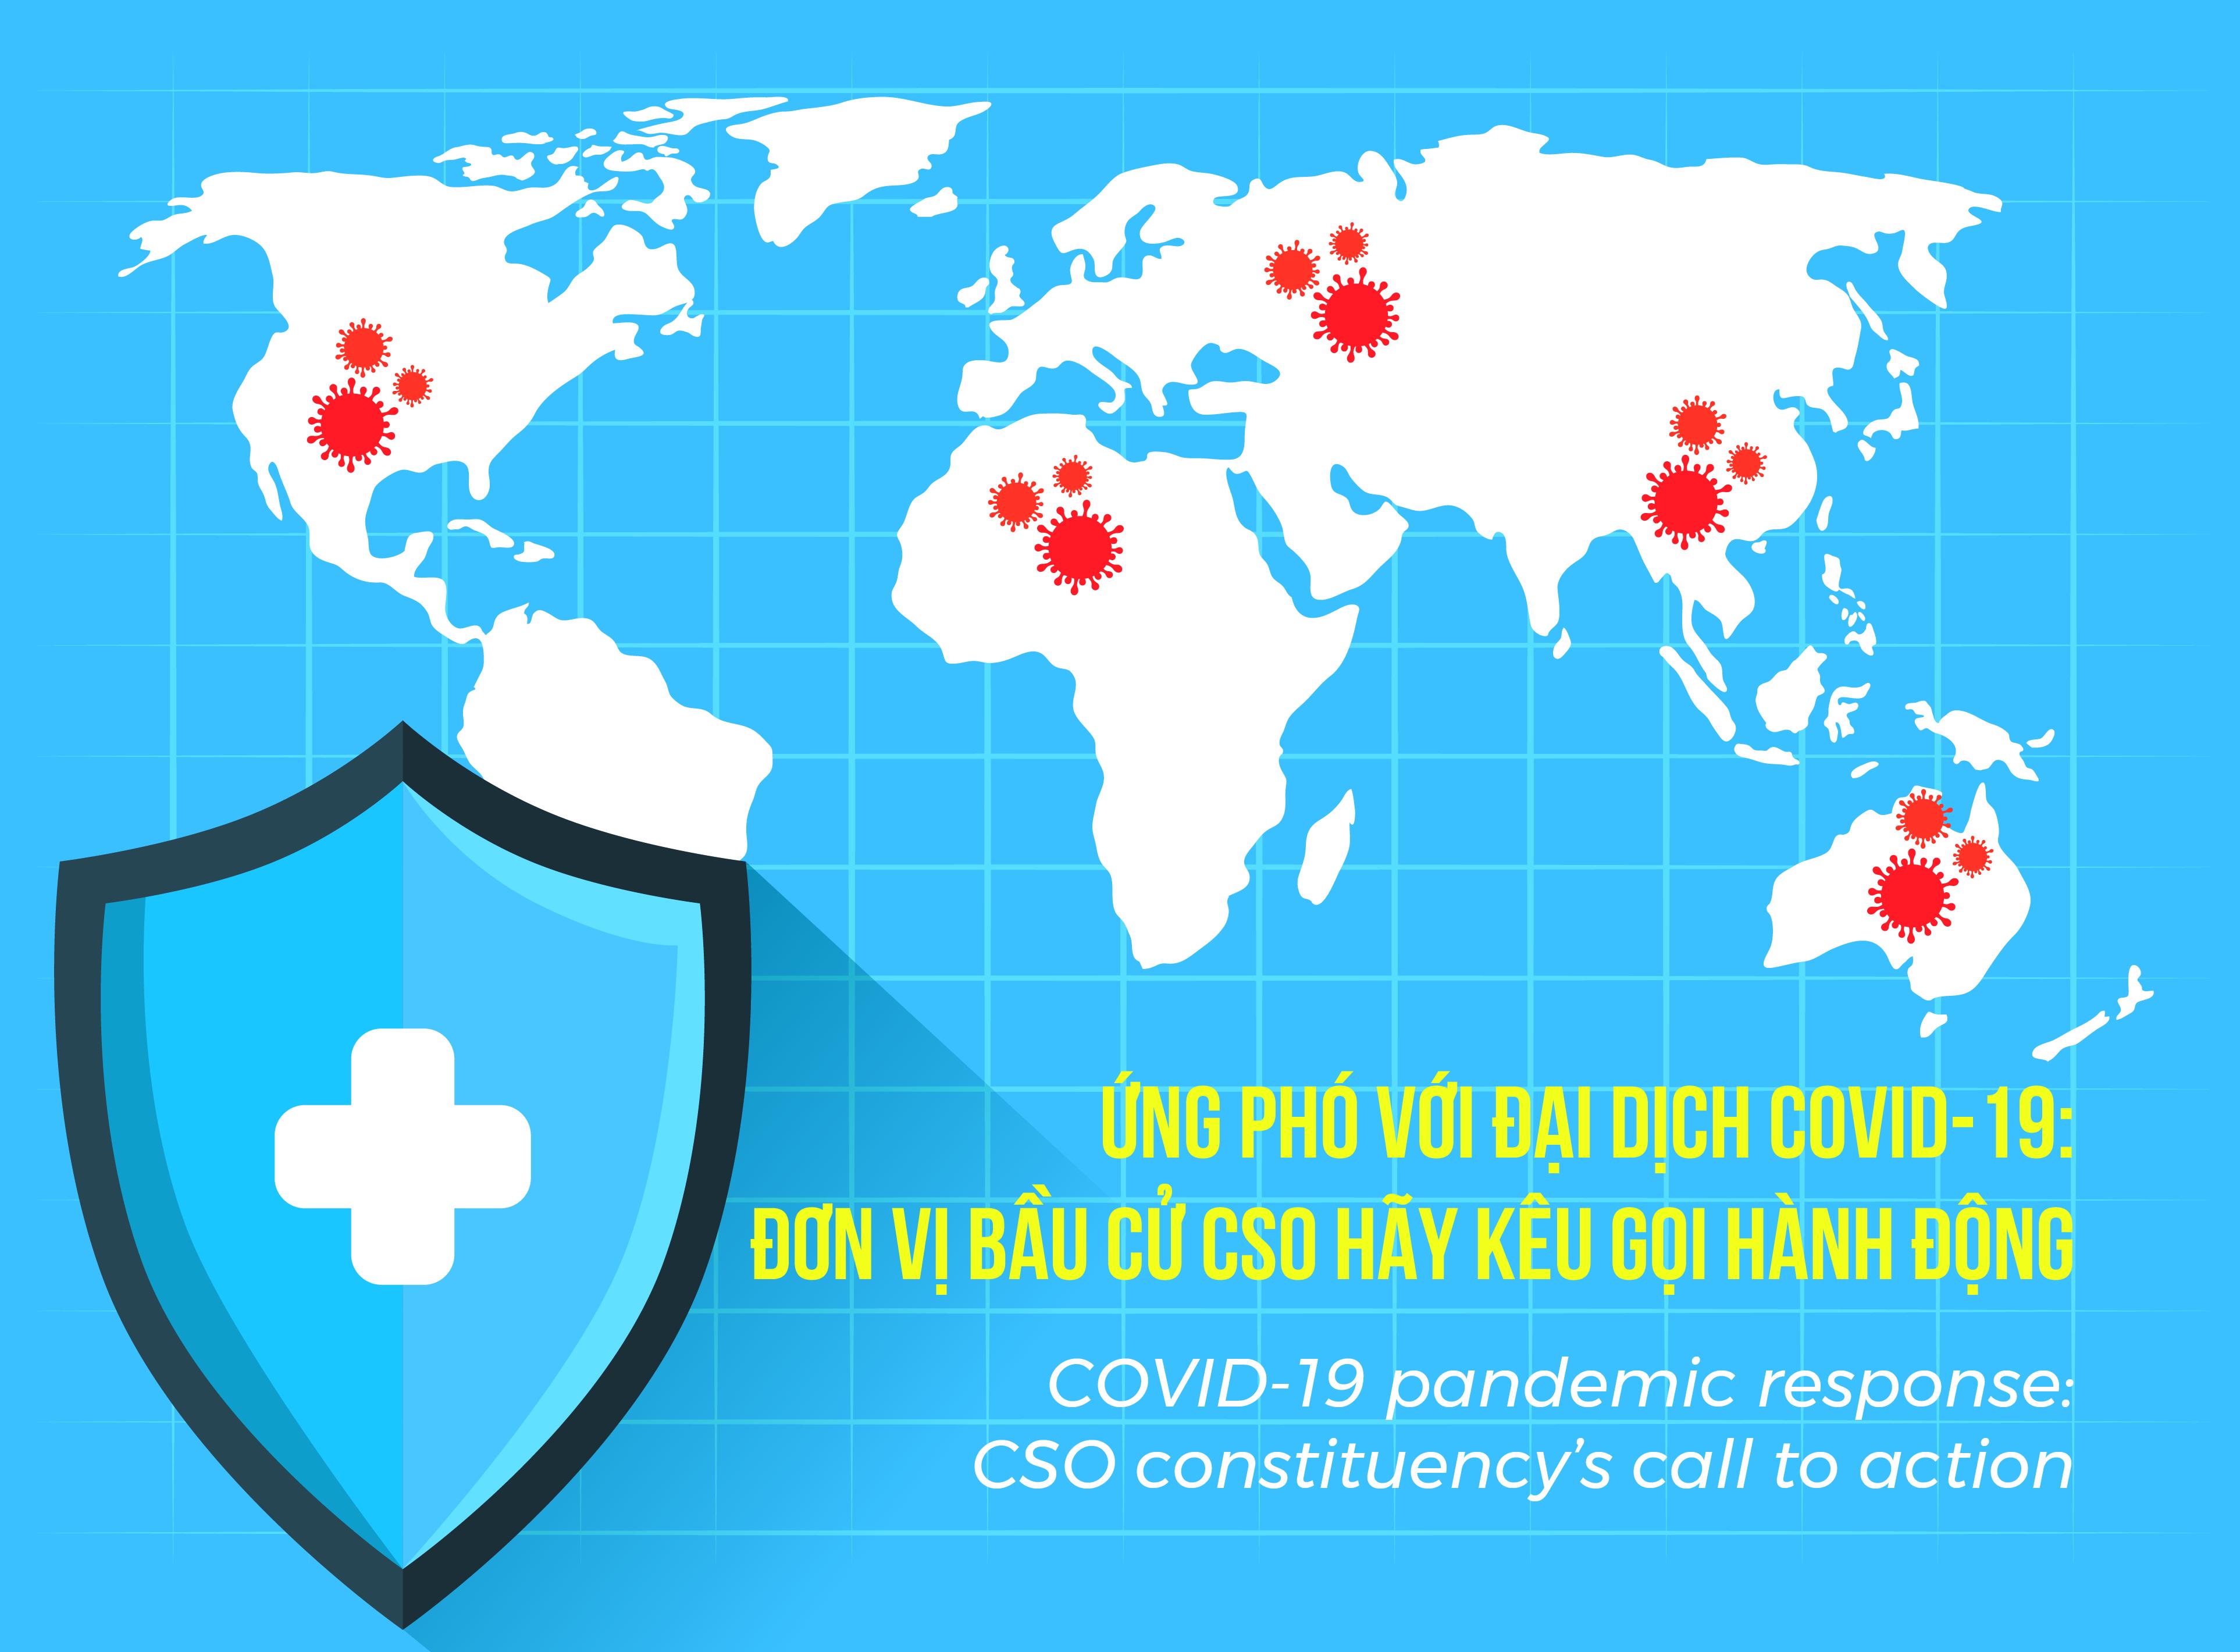 Ứng phó với đại dịch COVID-19: Đơn vị bầu cử CSO Hãy kêu gọi hành động